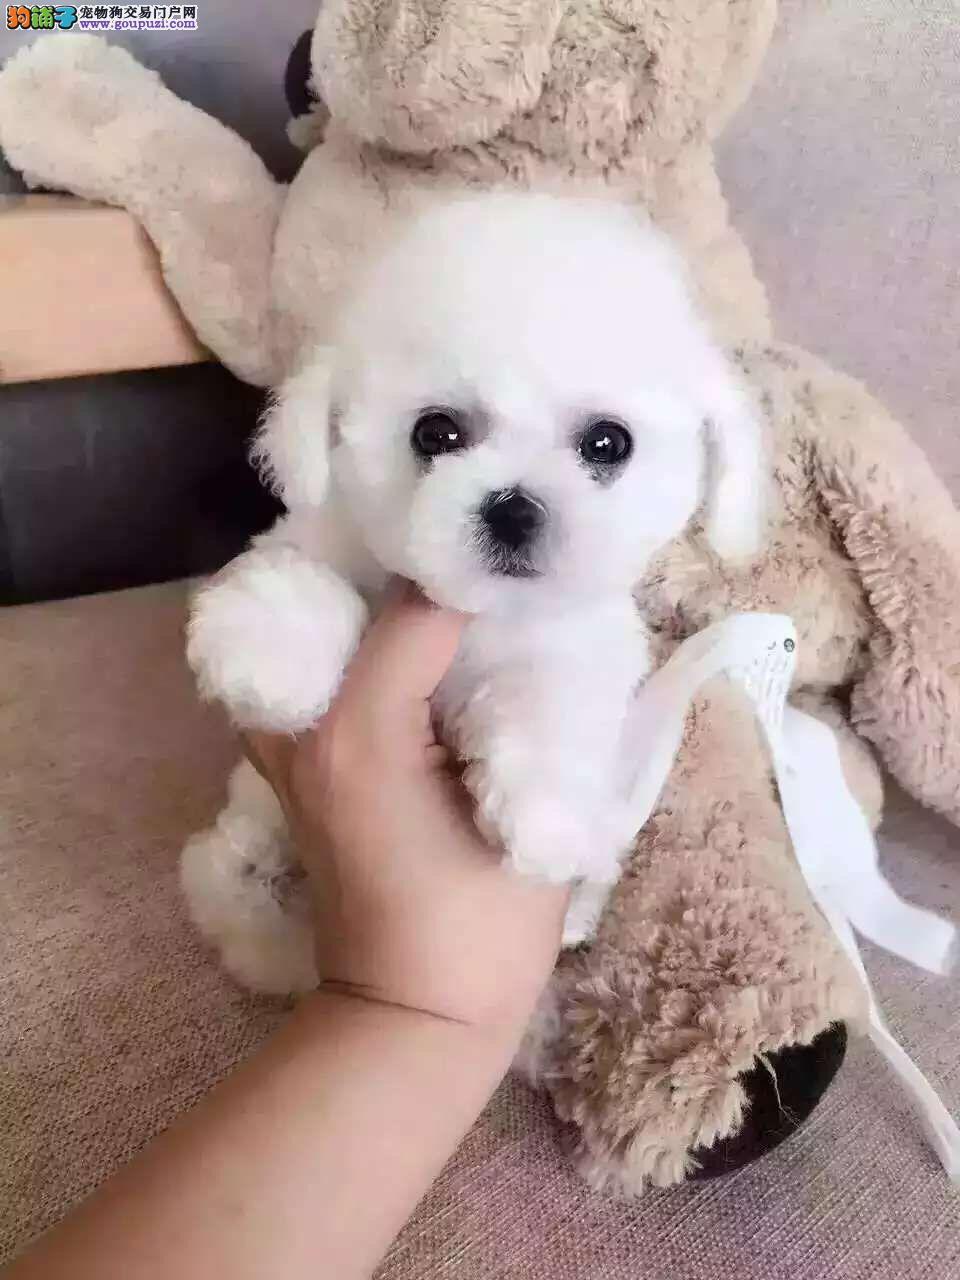 泰迪犬宝宝出售中 注射芯片颁发证书 寻找它的主人